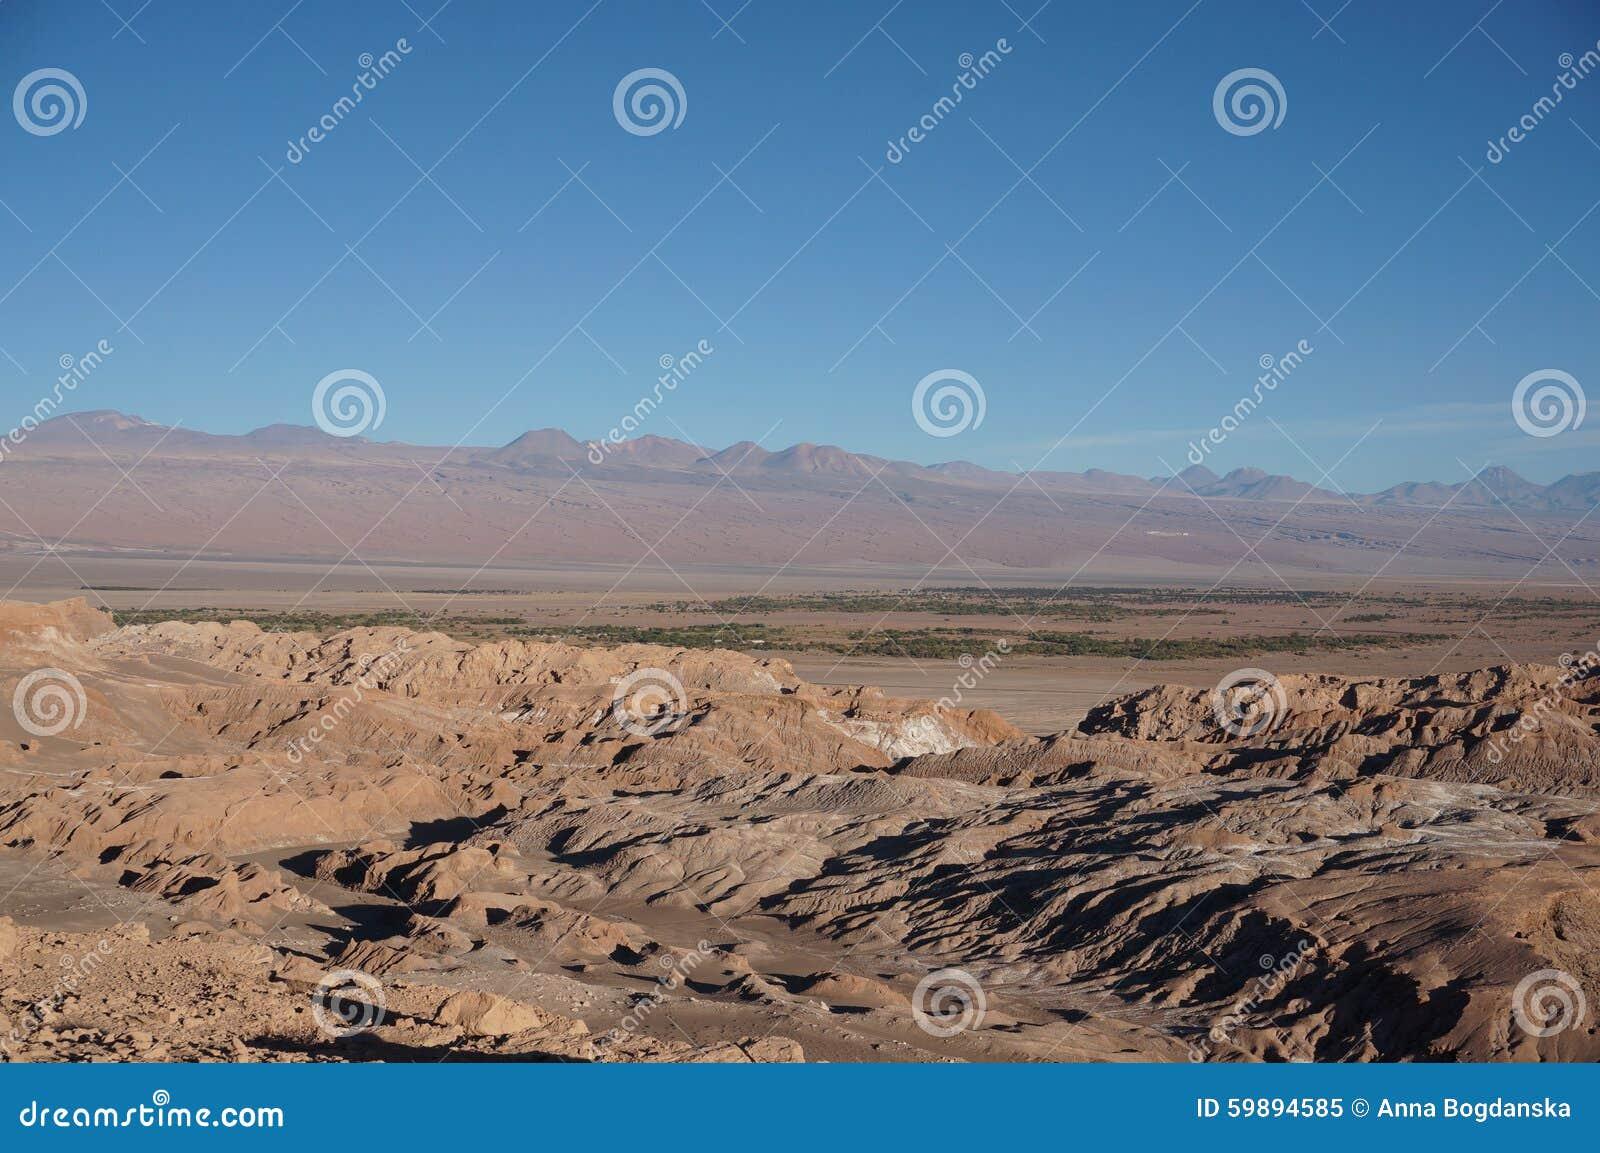 Death Valley, desierto de Atacama, Chile